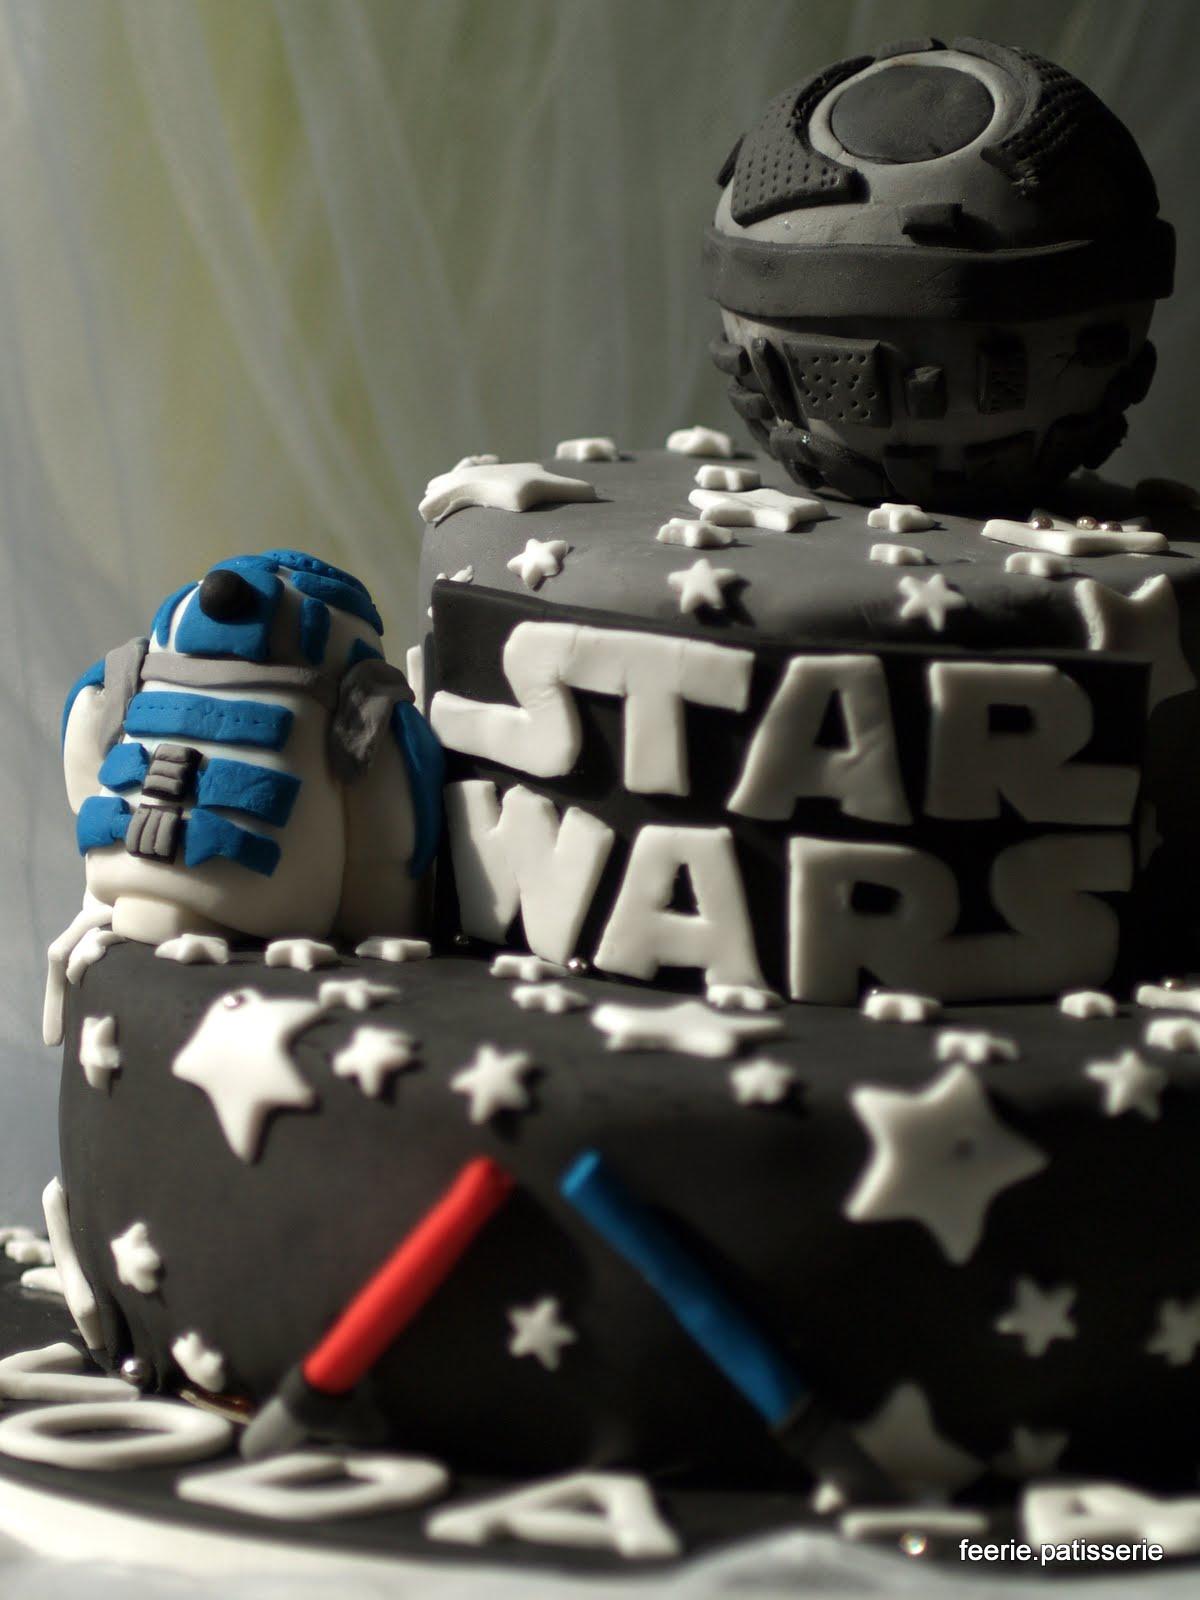 Bien-aimé Féerie & Pâtisserie: Gateau Star Wars pour un fan de l'Etoile Noire VK62